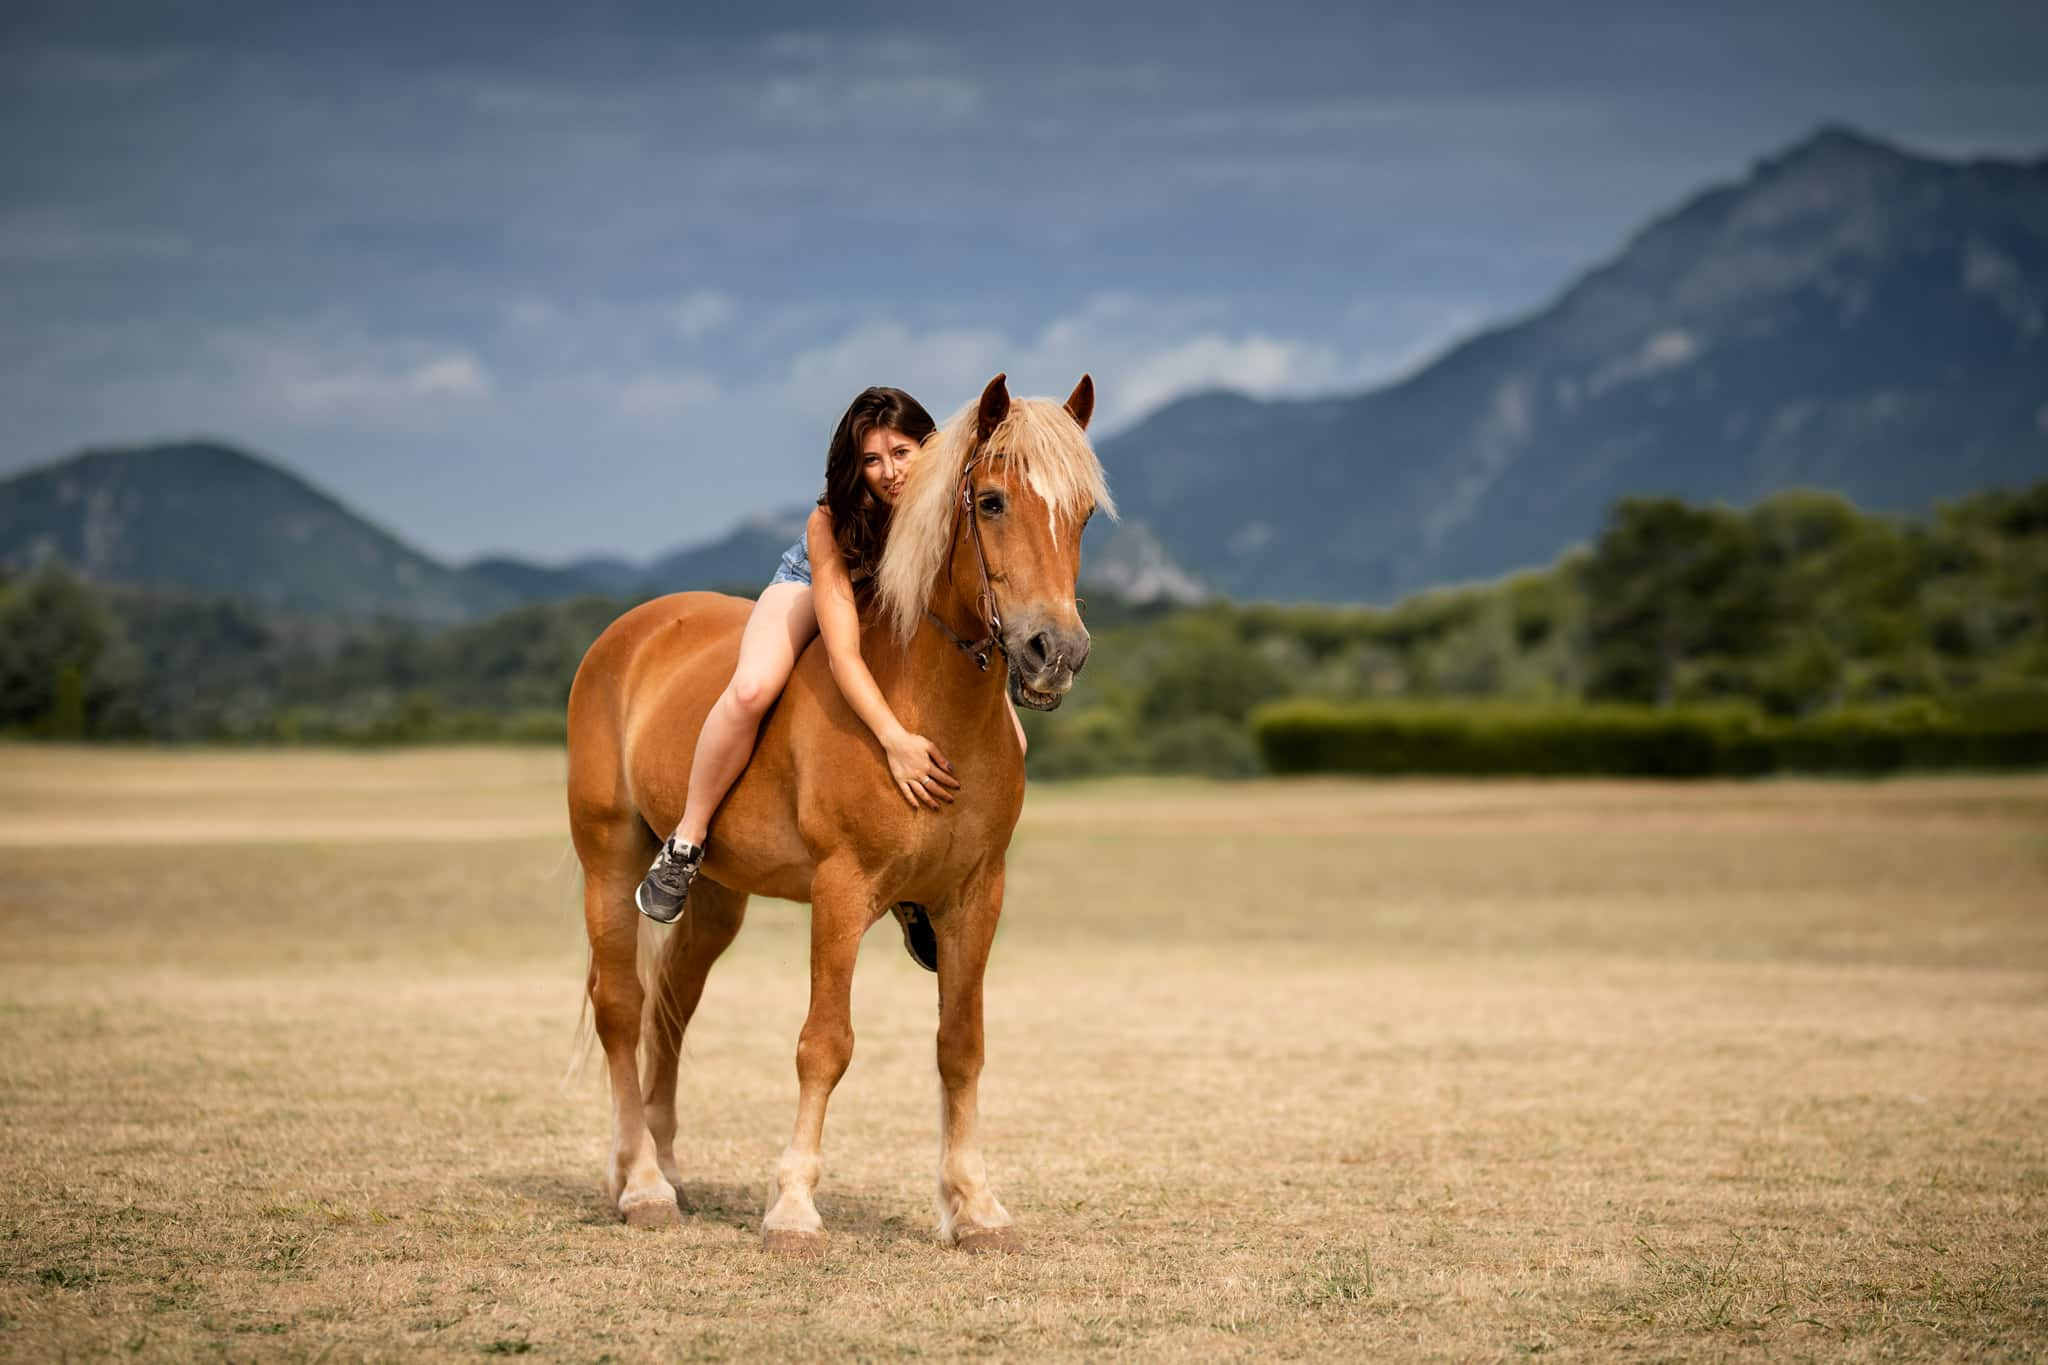 séance photo équine avec un cheval à Toulon